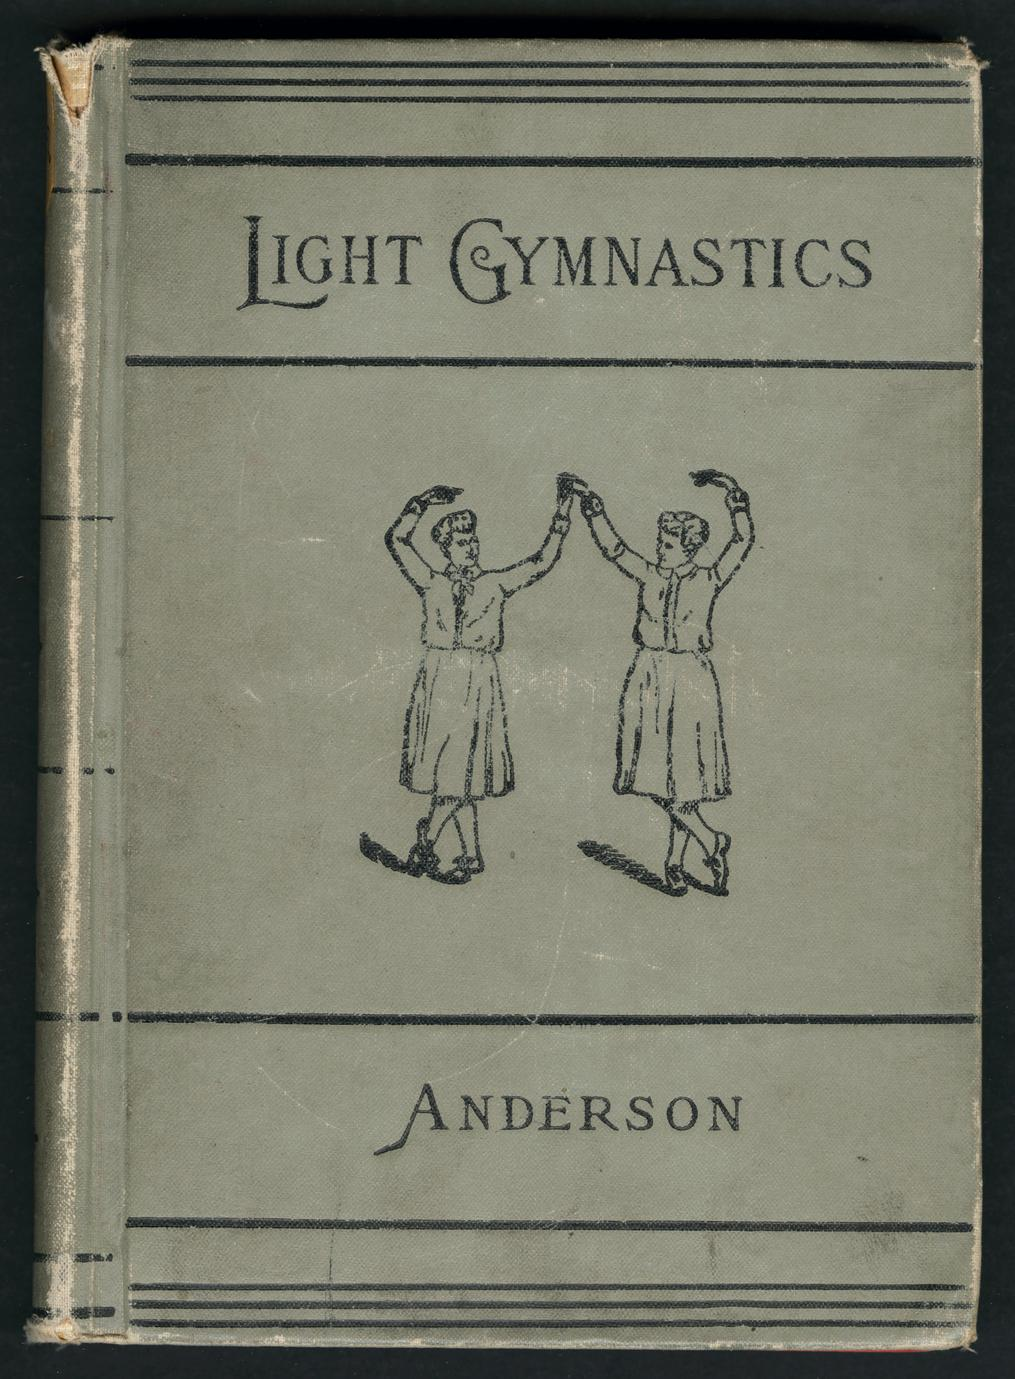 Light gymnastics (1 of 2)